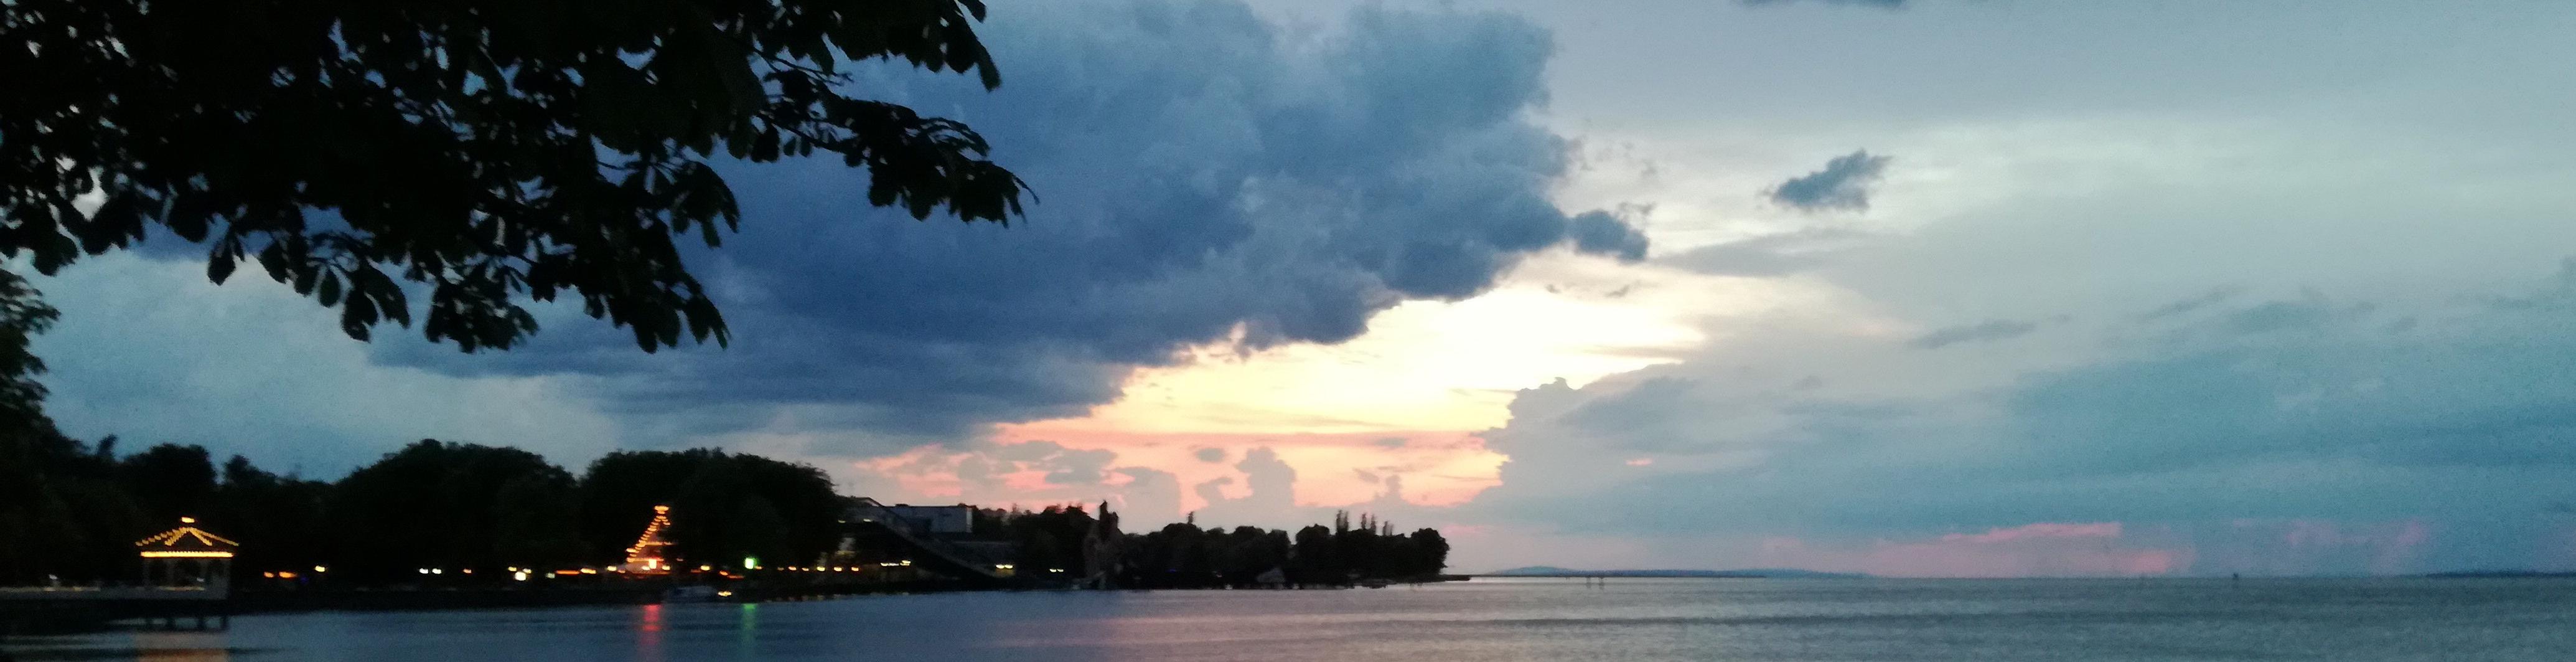 Bild zeigt einen See mit rosa-gelben Himmel bei untergehender Sonne